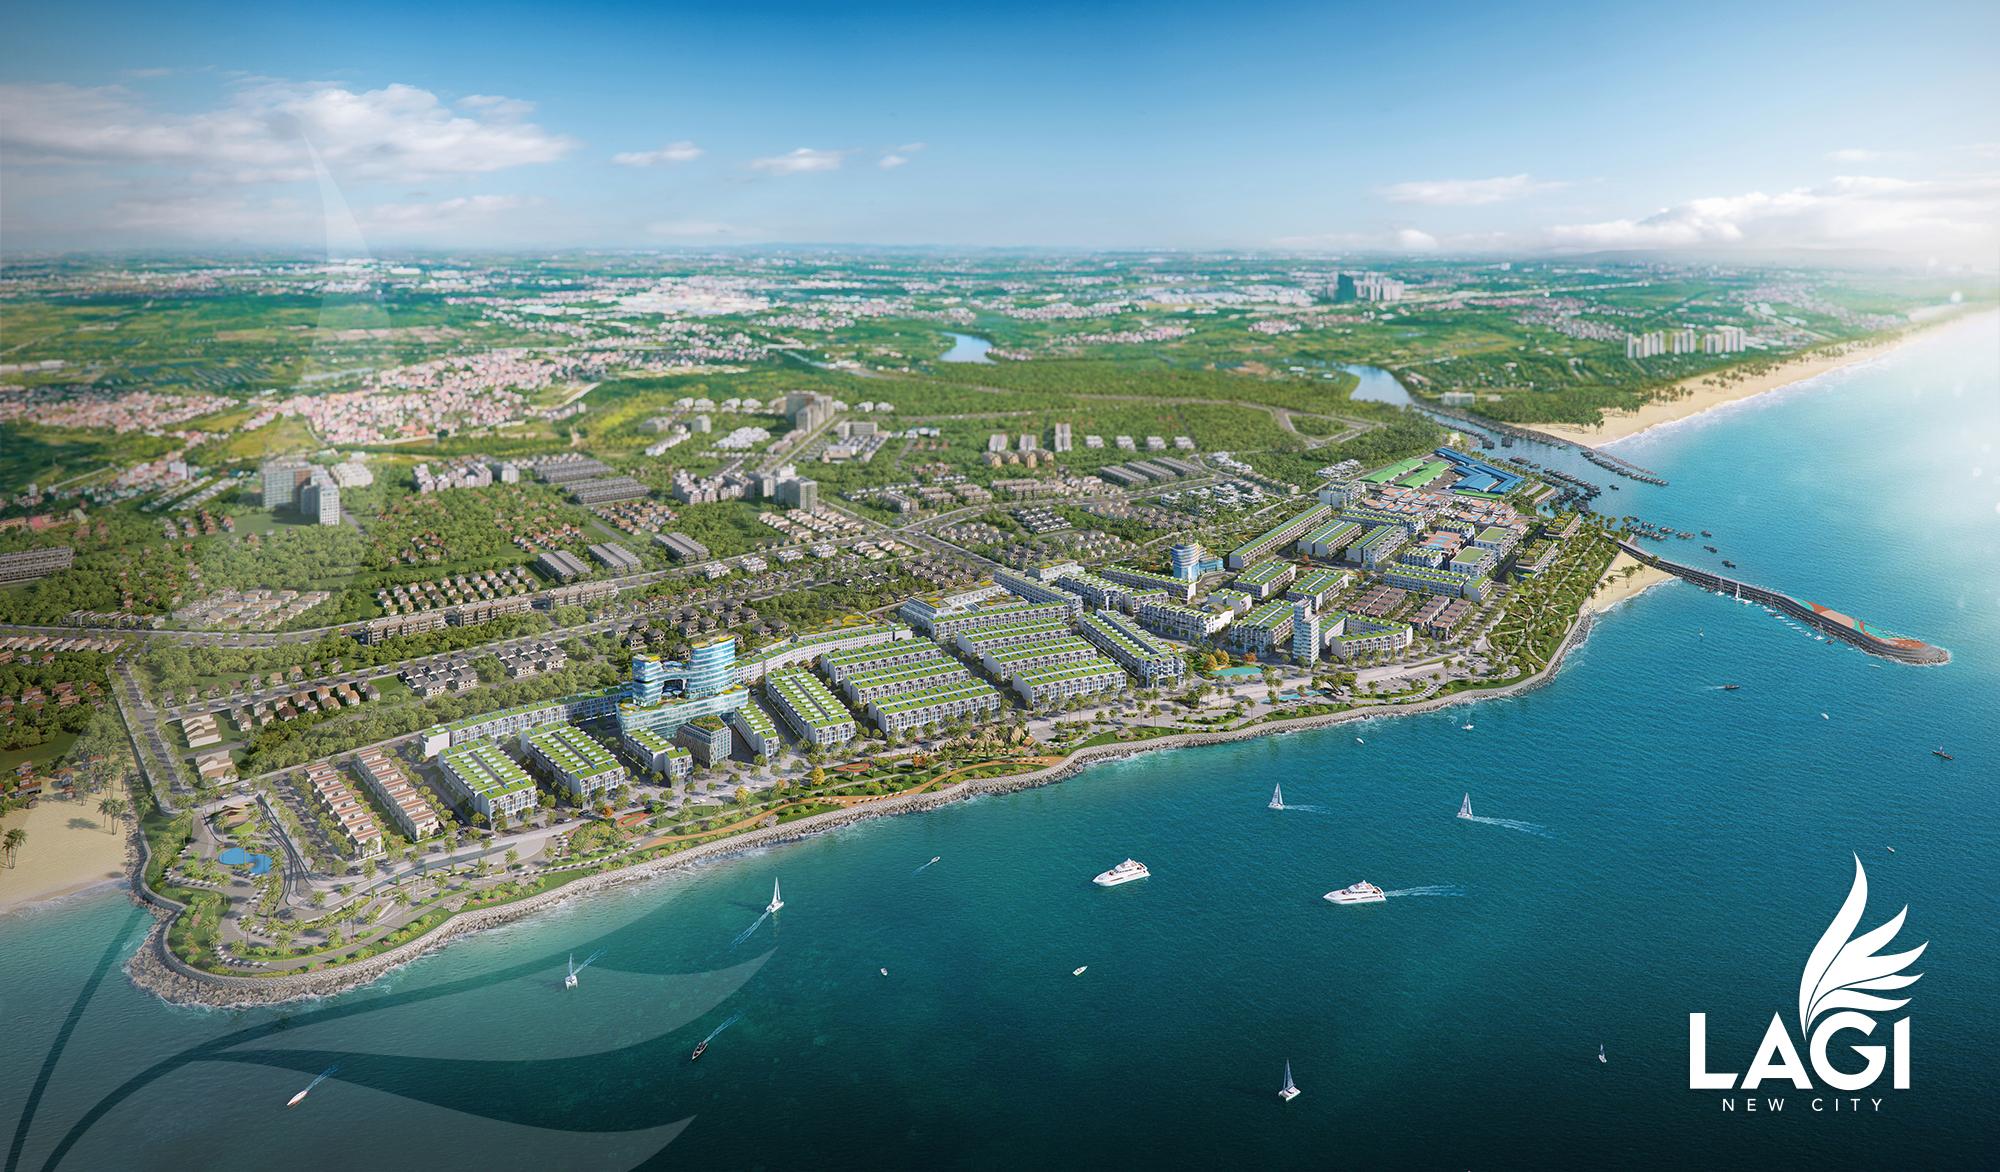 Khu đô thị biển Lagi New City, thị xã Lagi, Bình Thuận.